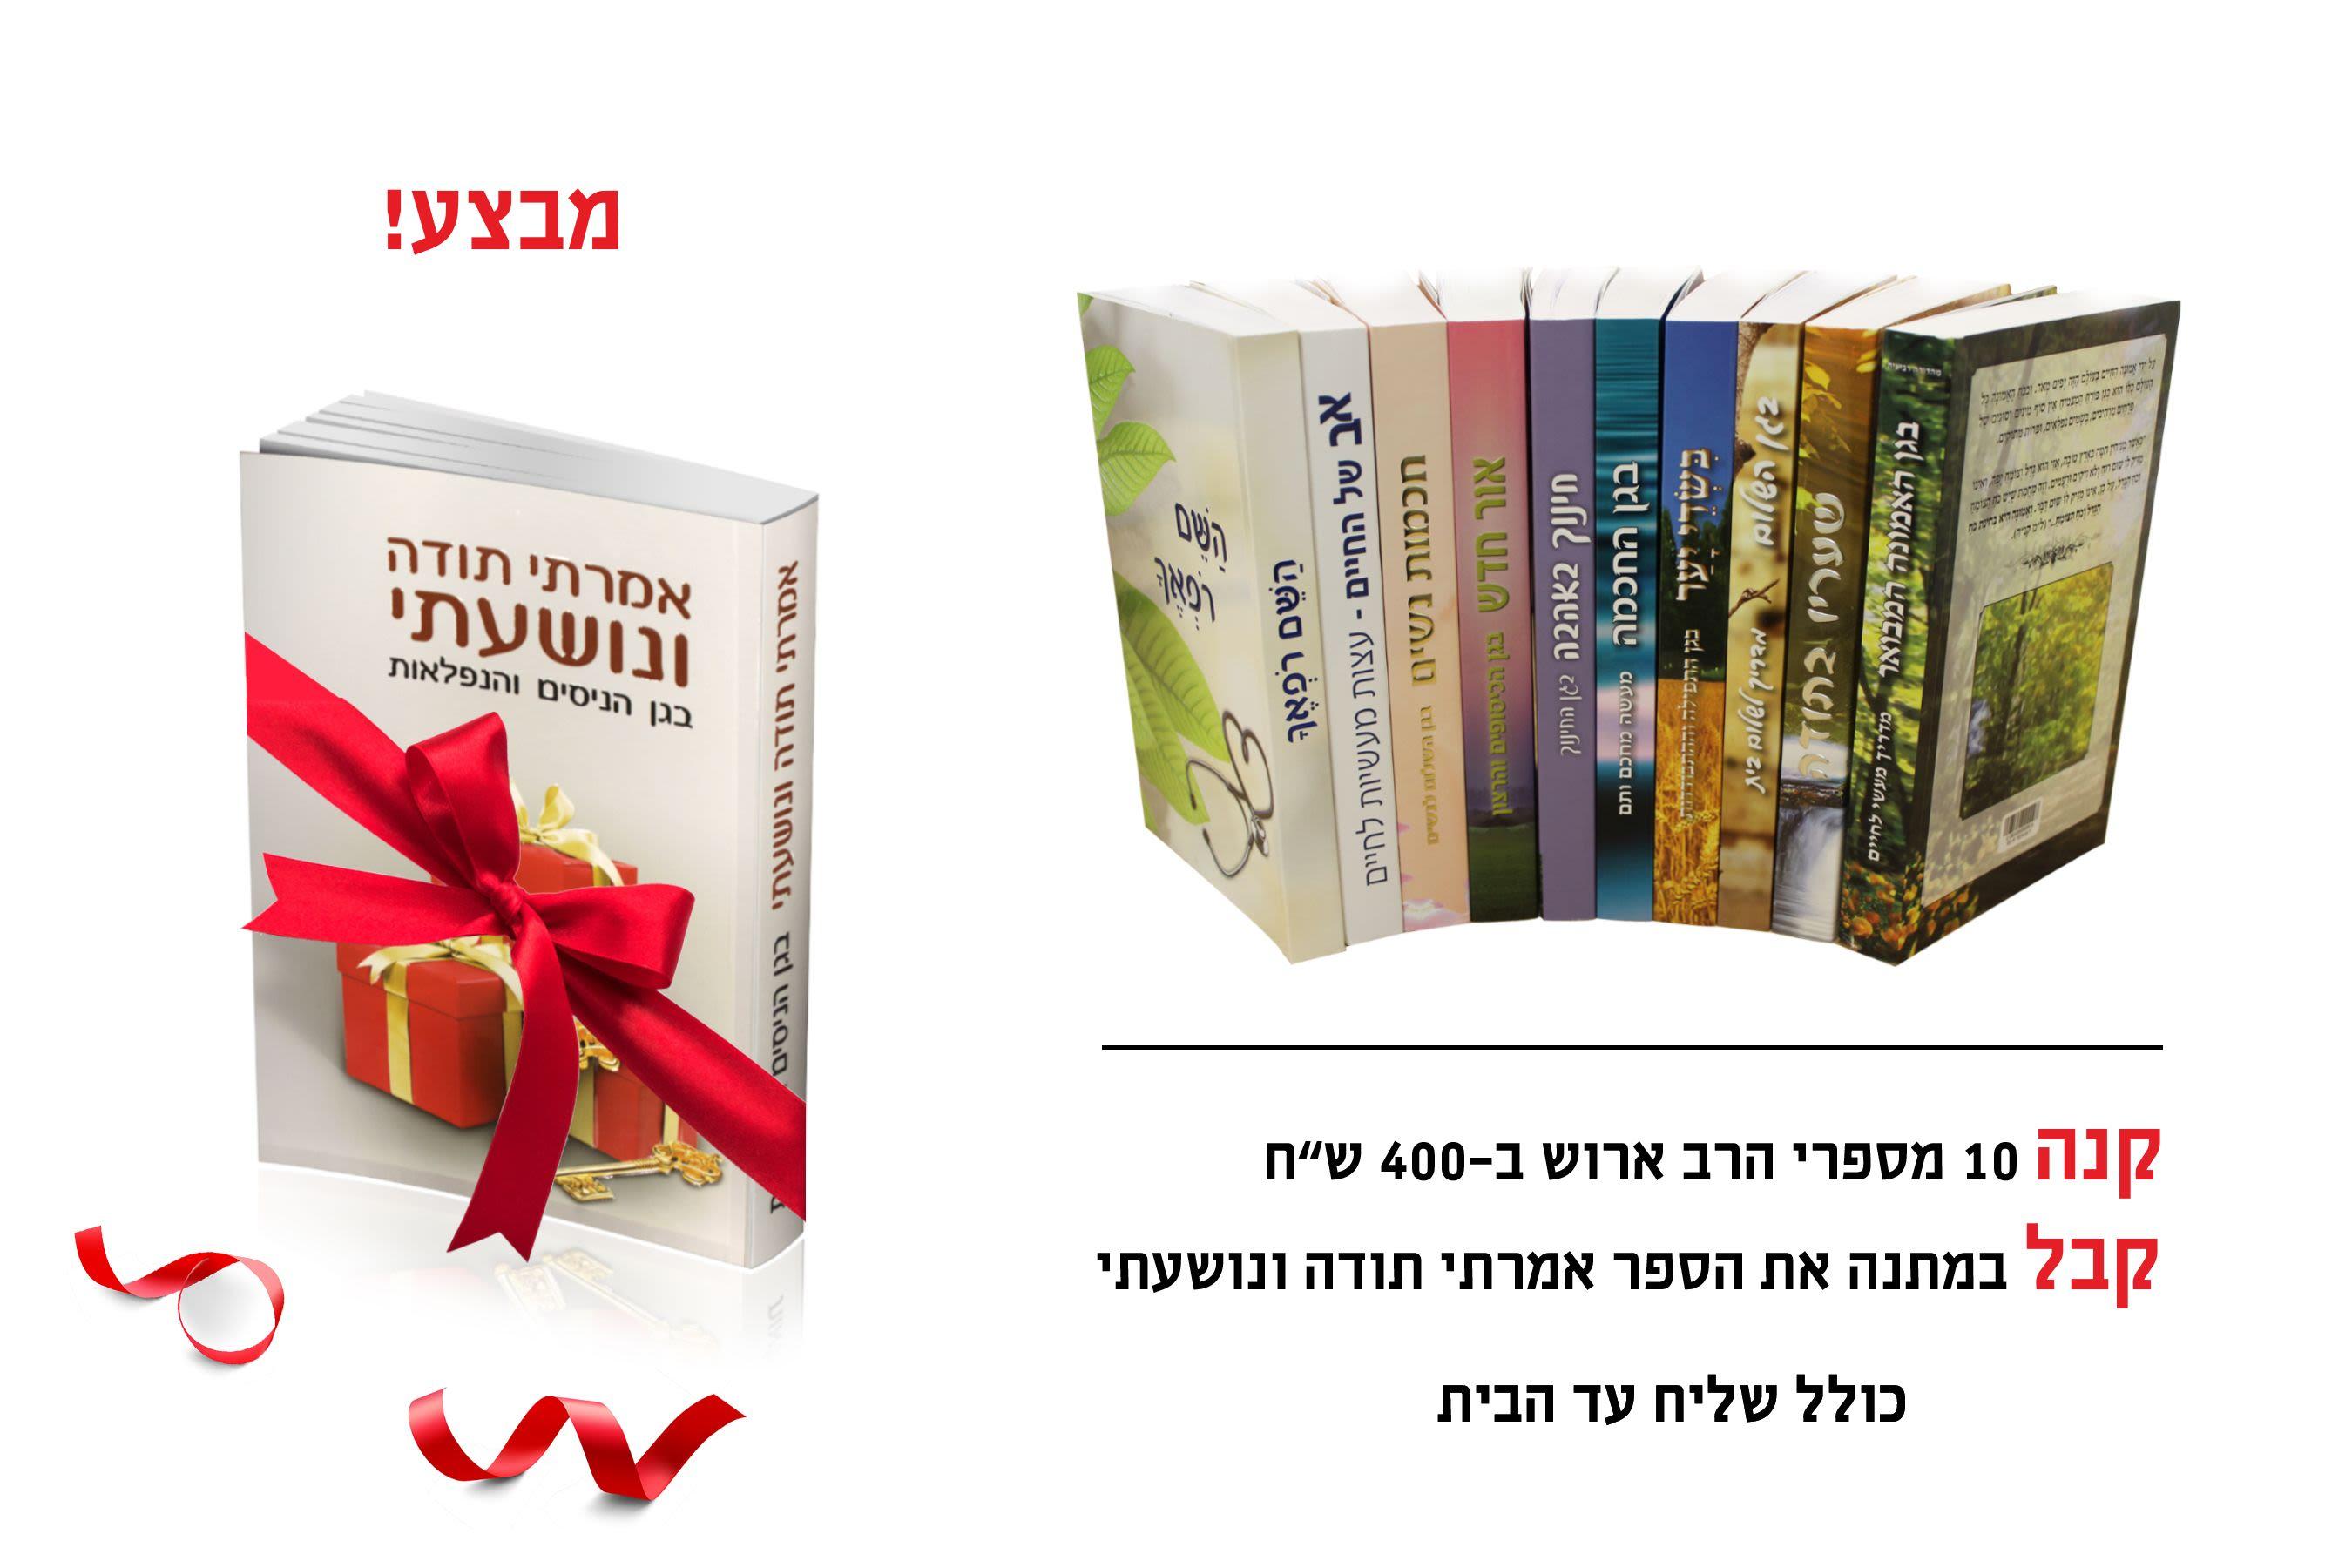 סט 10 ספרי הרב שלום ארוש + ספר נוסף מתנה כולל משלוח עד הבית!